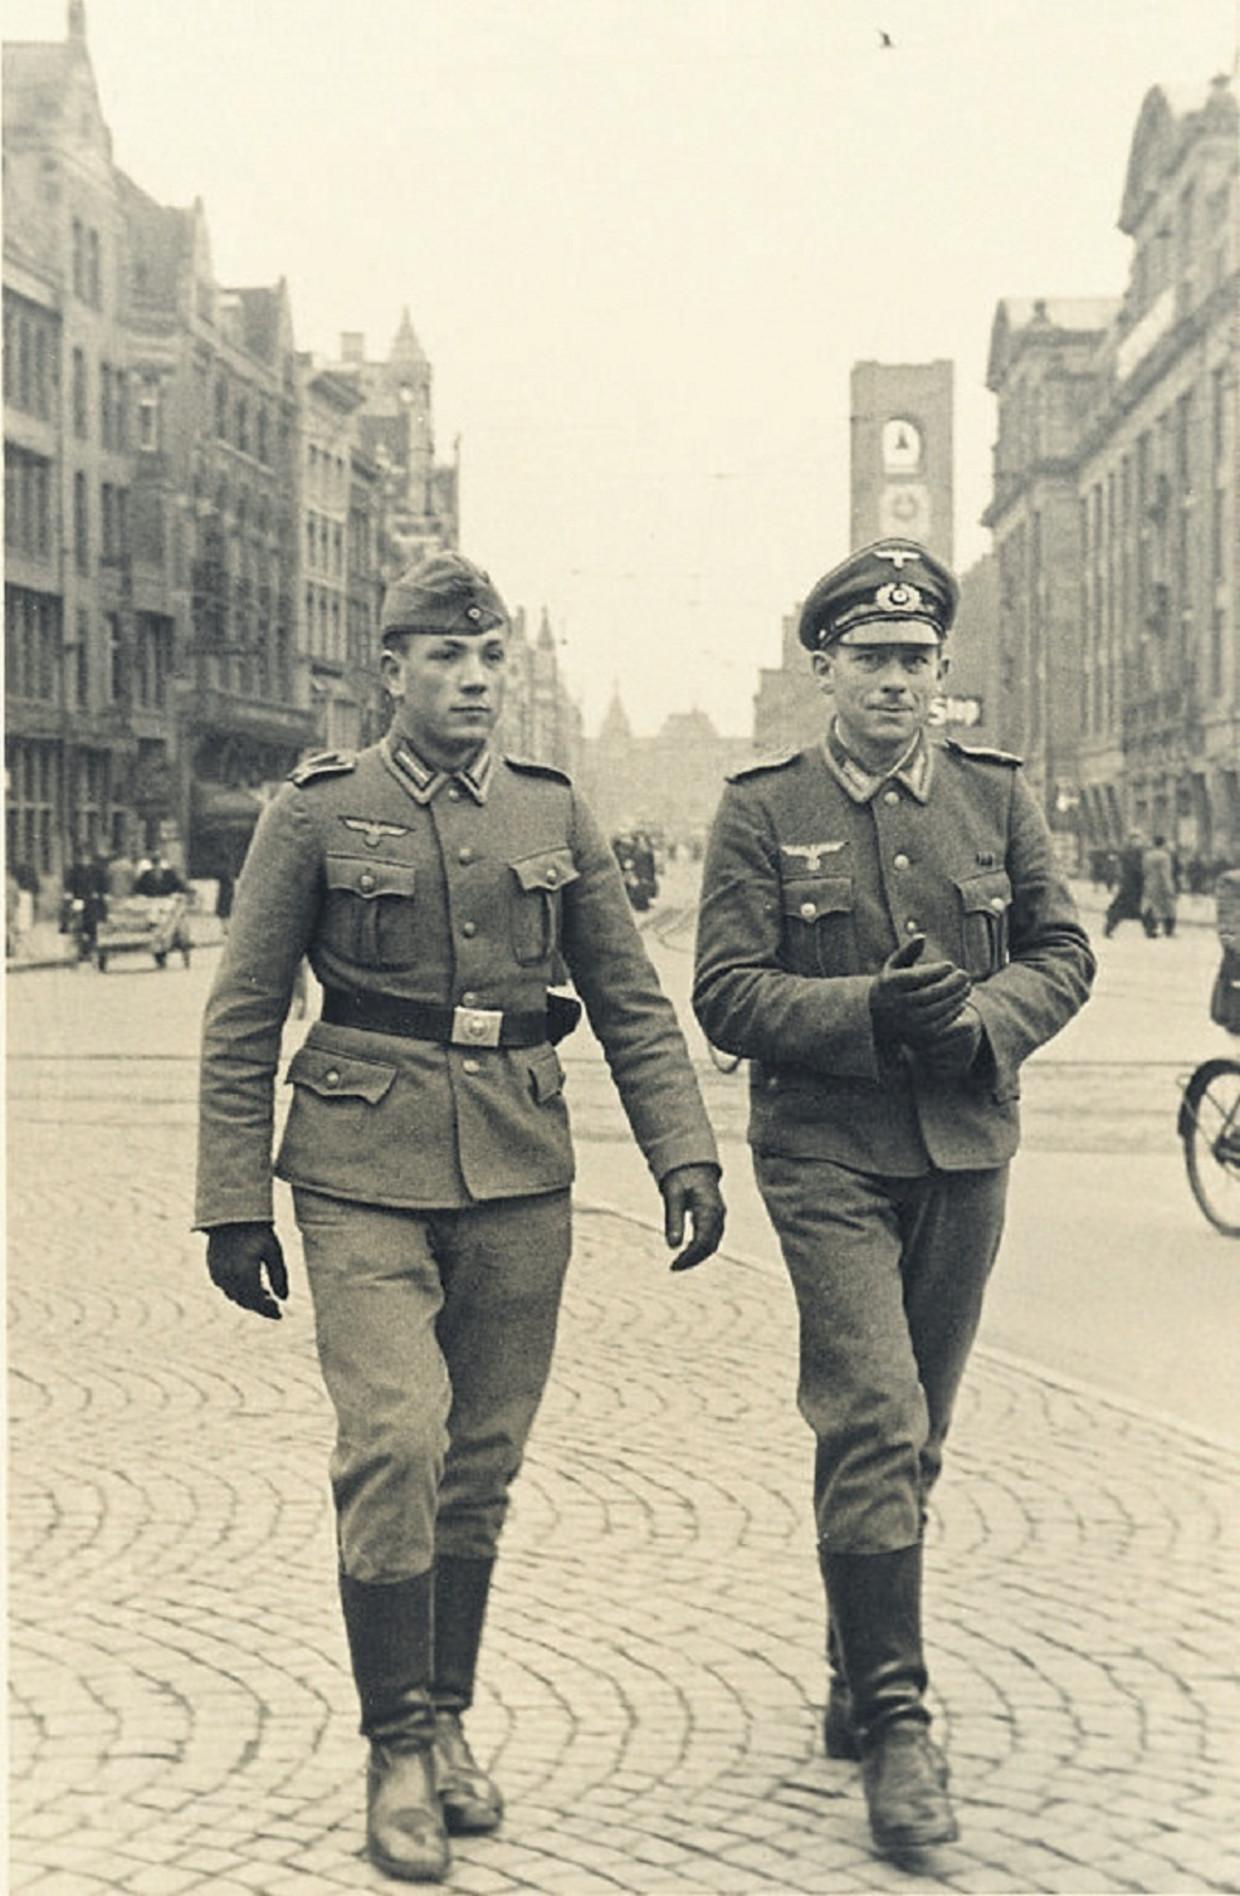 wat duitse soldaten tijdens de oorlog fotografeerden trouw